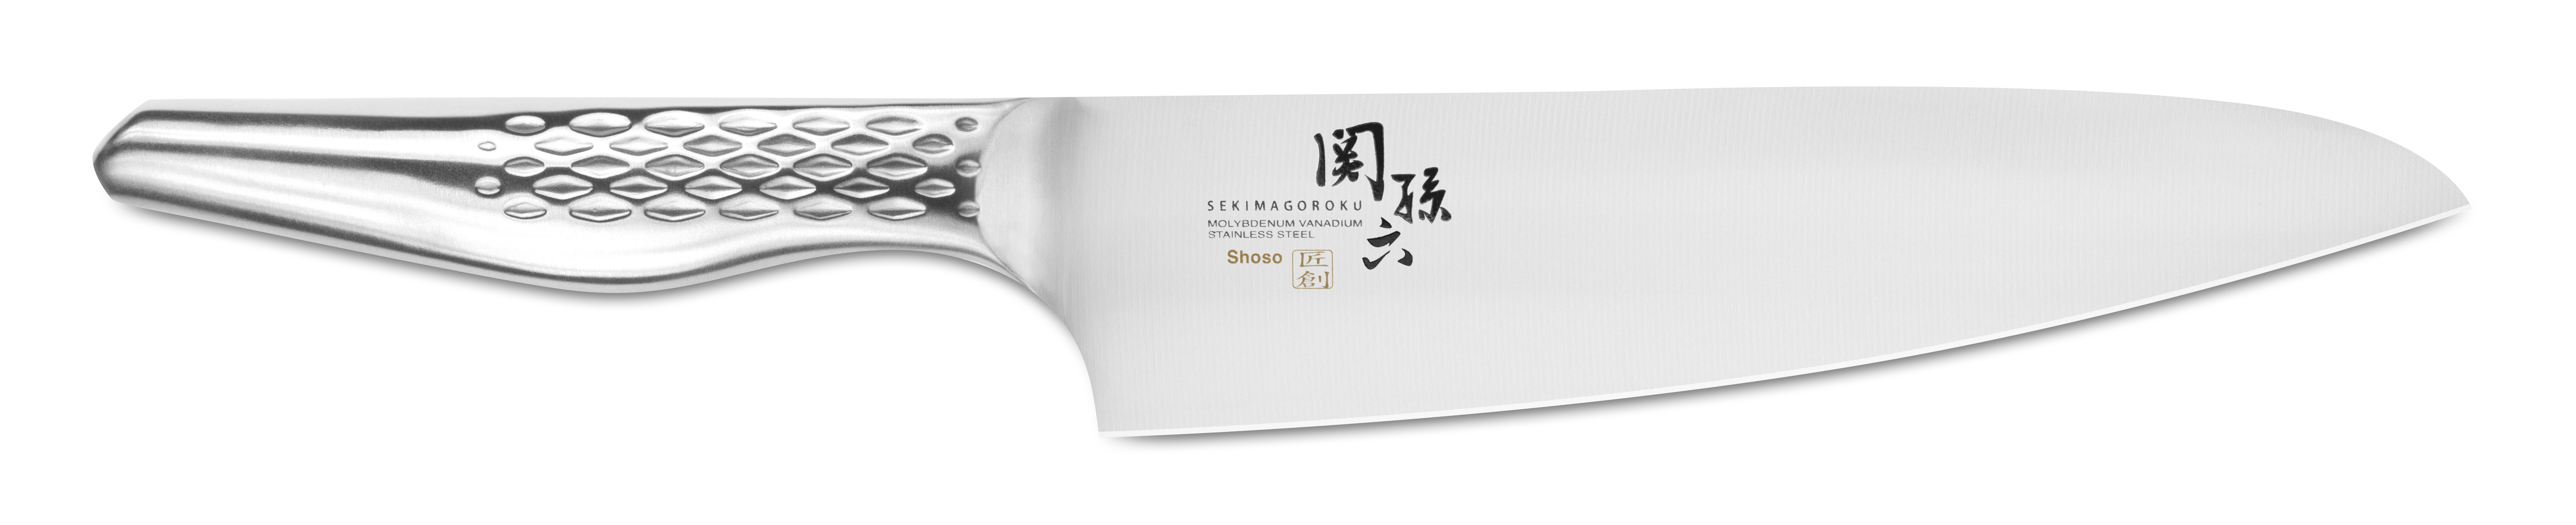 KAI SEKI MAGOROKU Shoso AB-5158